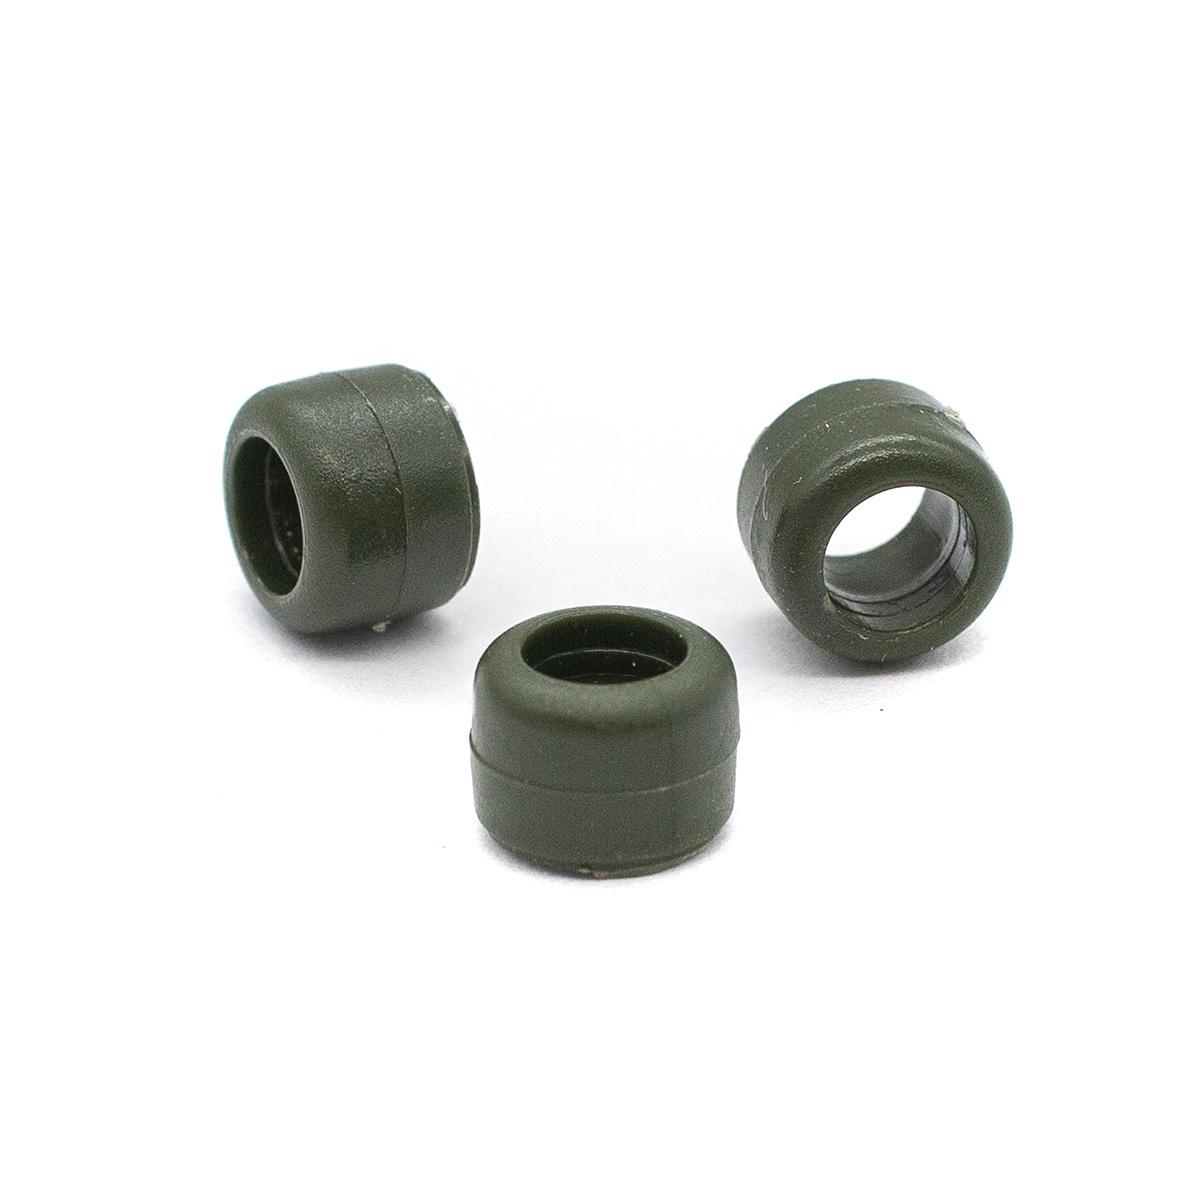 ОК-01 Ограничительное кольцо, ПП, цветной